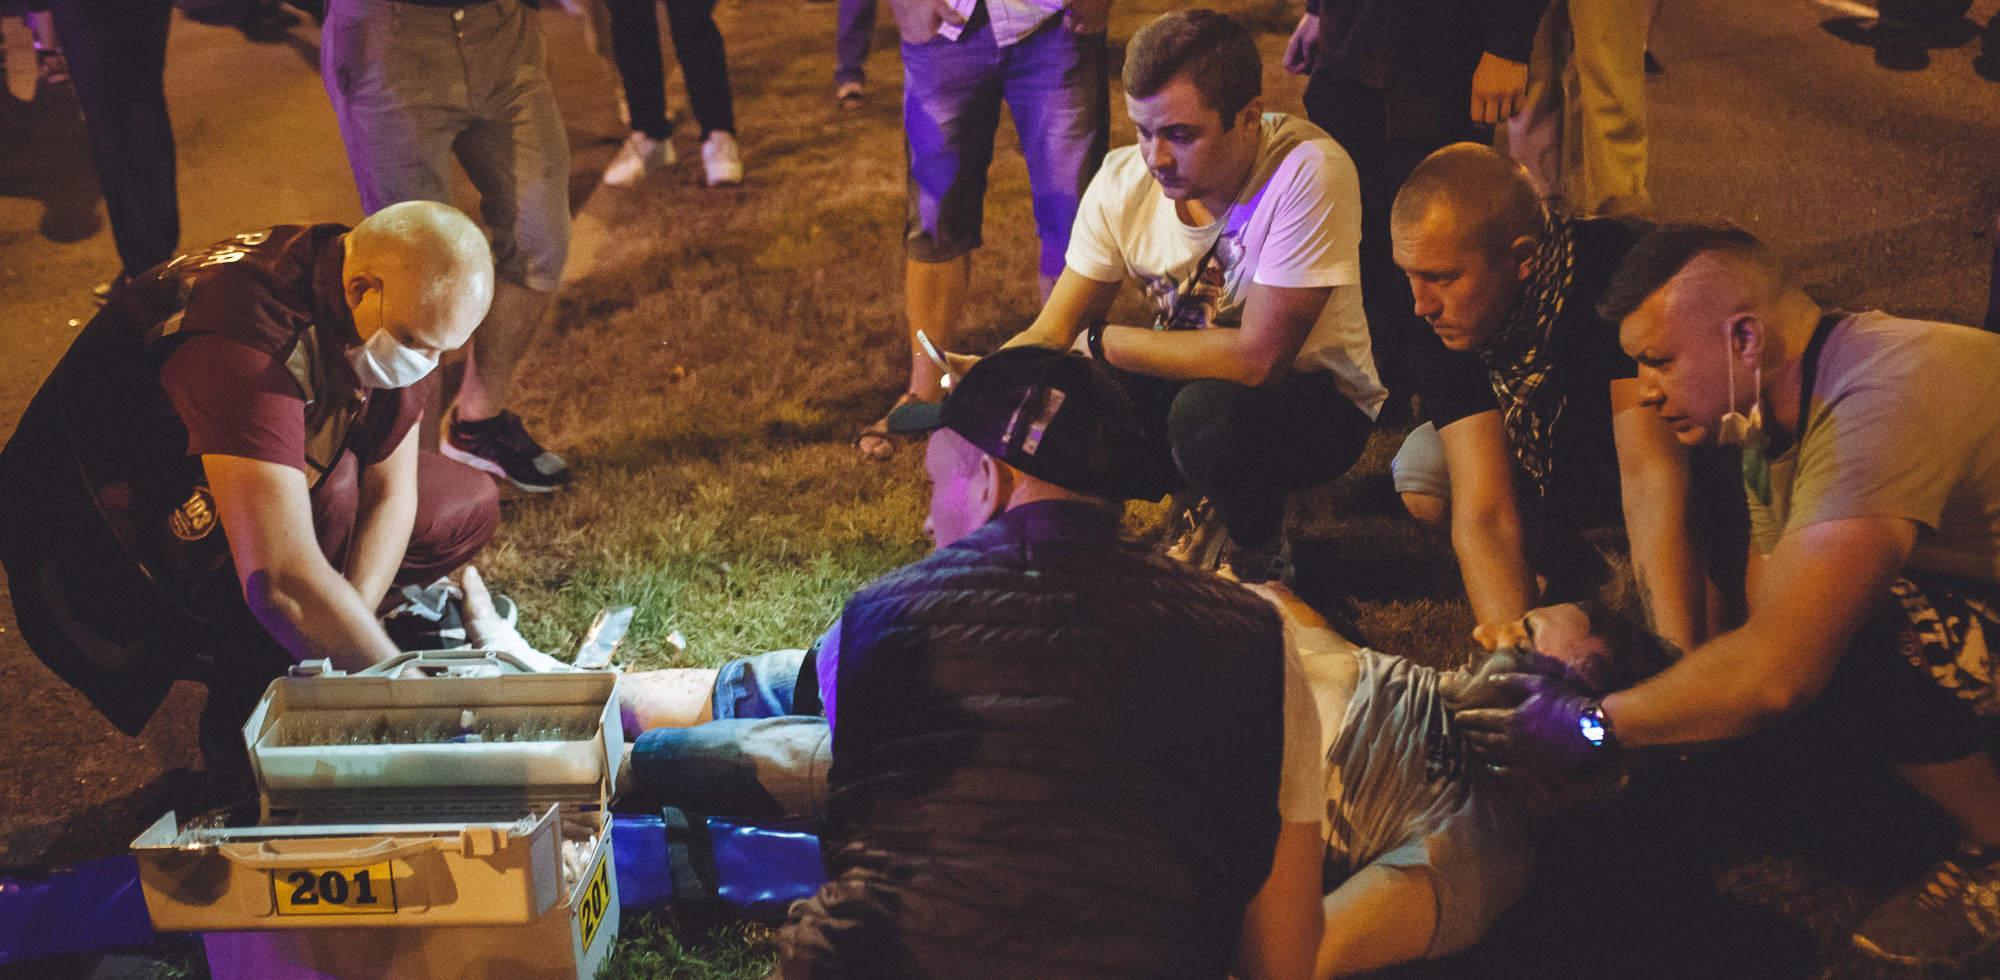 🇧🇾 Медпомощь и реабилитация для пострадавших во время мирных демонстраций